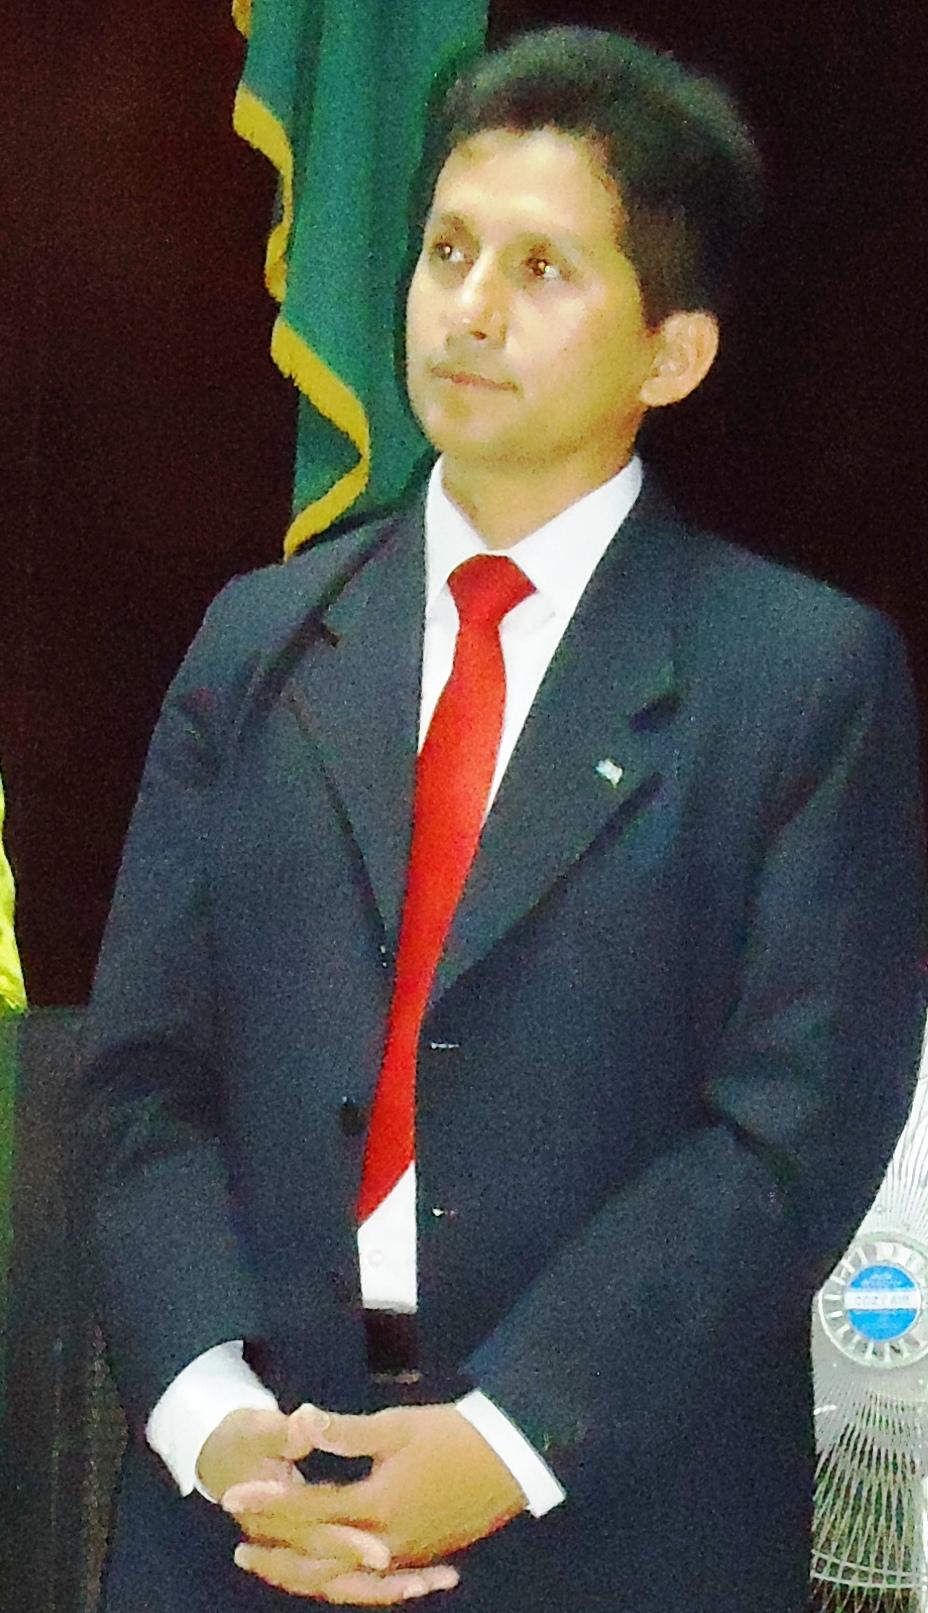 Robert Cava Firma Digital Perú REALSEC